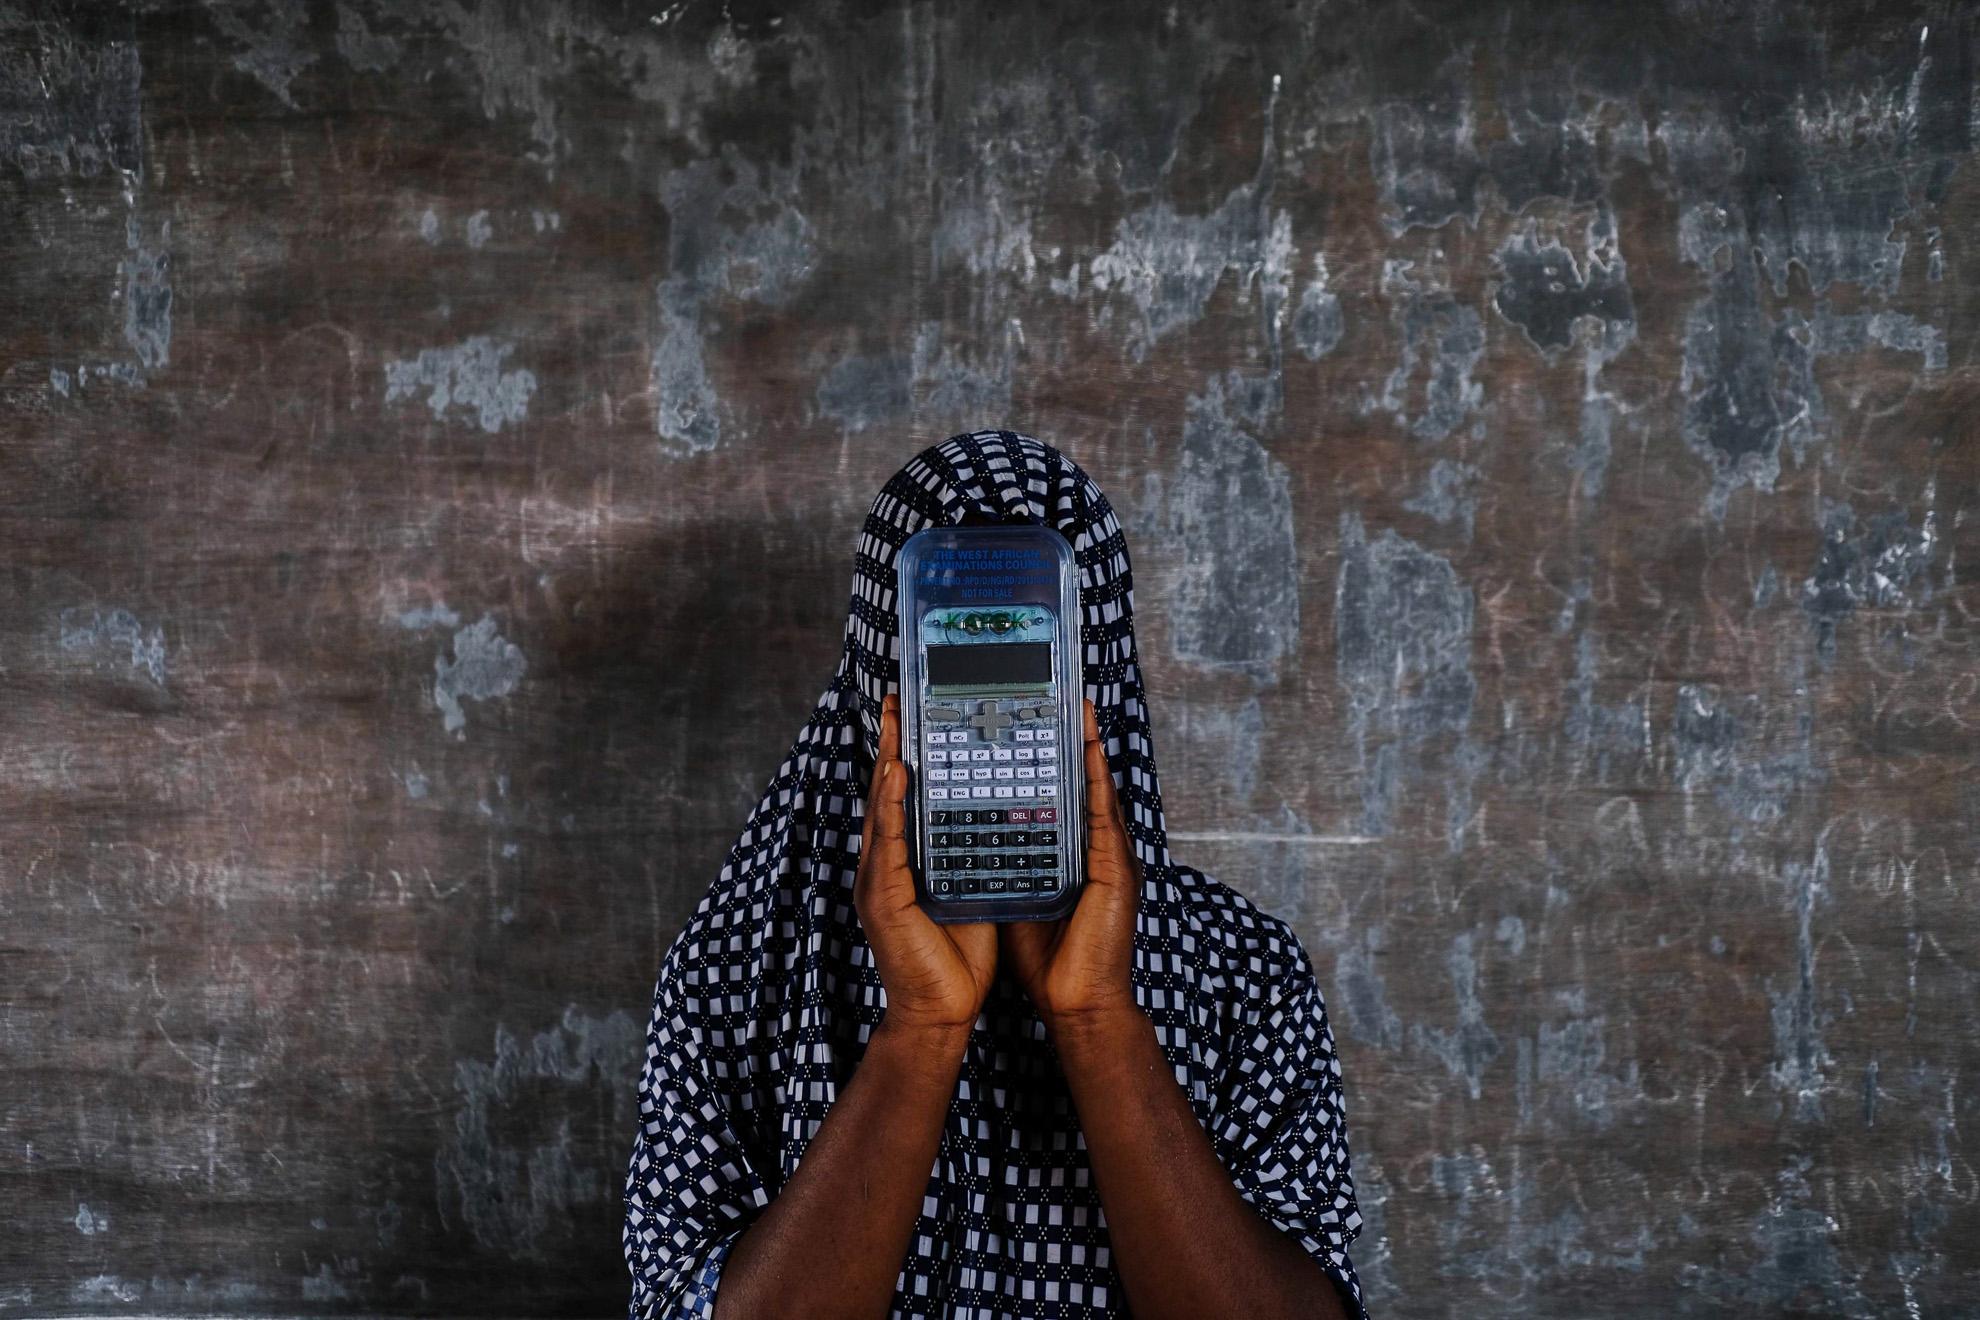 Zahrah (nombre ficticio) 17 años de edad, en su escuela en Chibok, al noreste de Nigeria. Fue secuestrada por Boko Haram cuando tenía 15 años. El grupo terrorista la capturó de camino a la escuela. Se negó a detonar una bomba que el grupo terrorista le ató a su pecho. Asiste a una lección organizada por un maestro jubilado en su pueblo asolado por Boko Haram. Quiere ser contable.